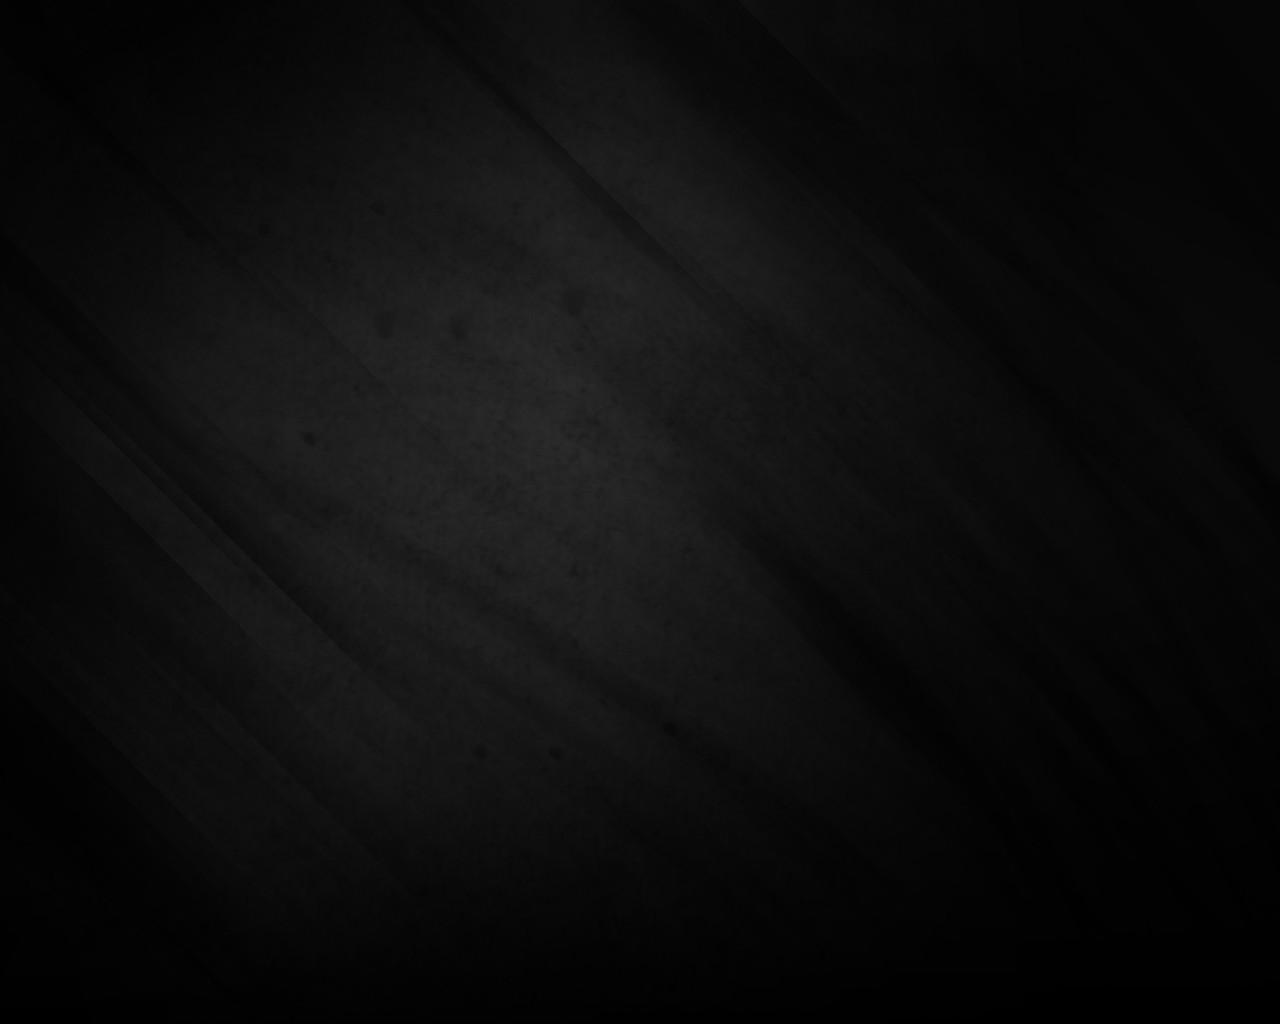 Android 用の 黒の壁紙hd Apk をダウンロード